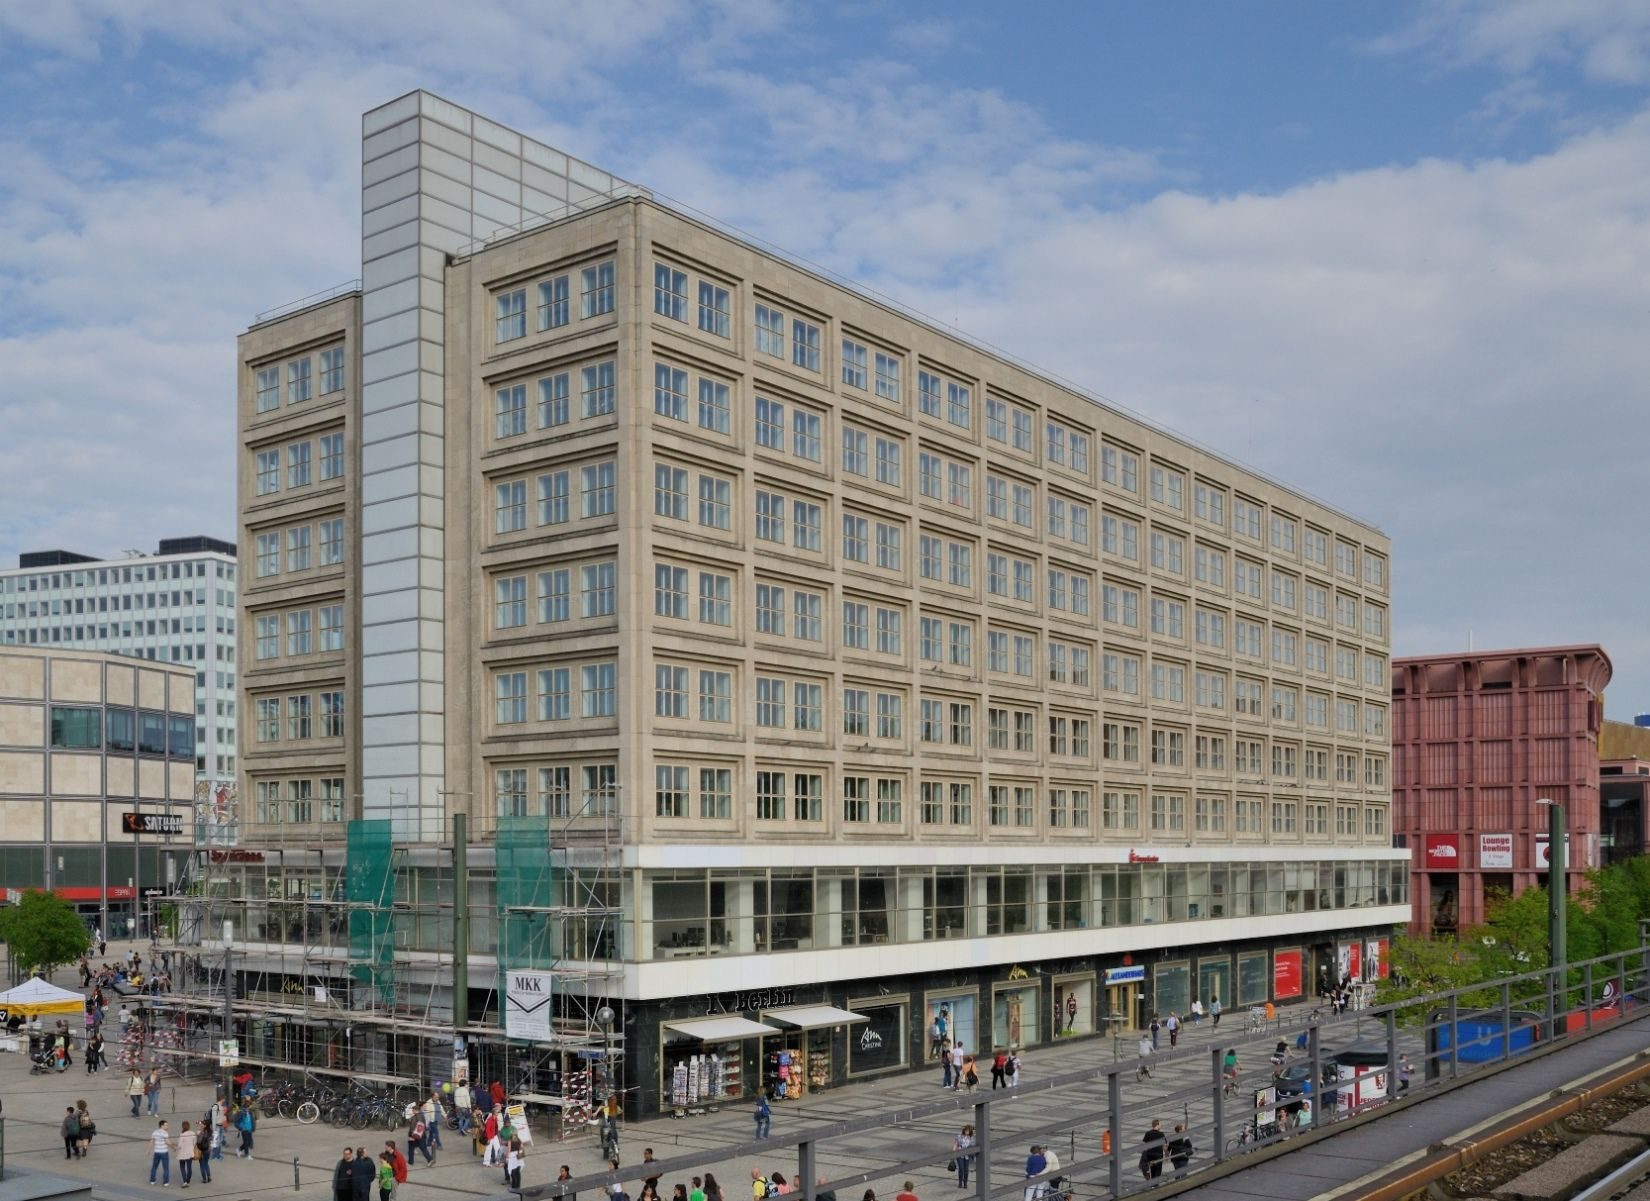 Peter Behrens Das Alexander Und Das Berolinahaus Am Alexanderplatz In Berlin Entstanden 1929 32 Im Zuge Einer Neugestaltung D Peter Behrens Bauhaus Architekt